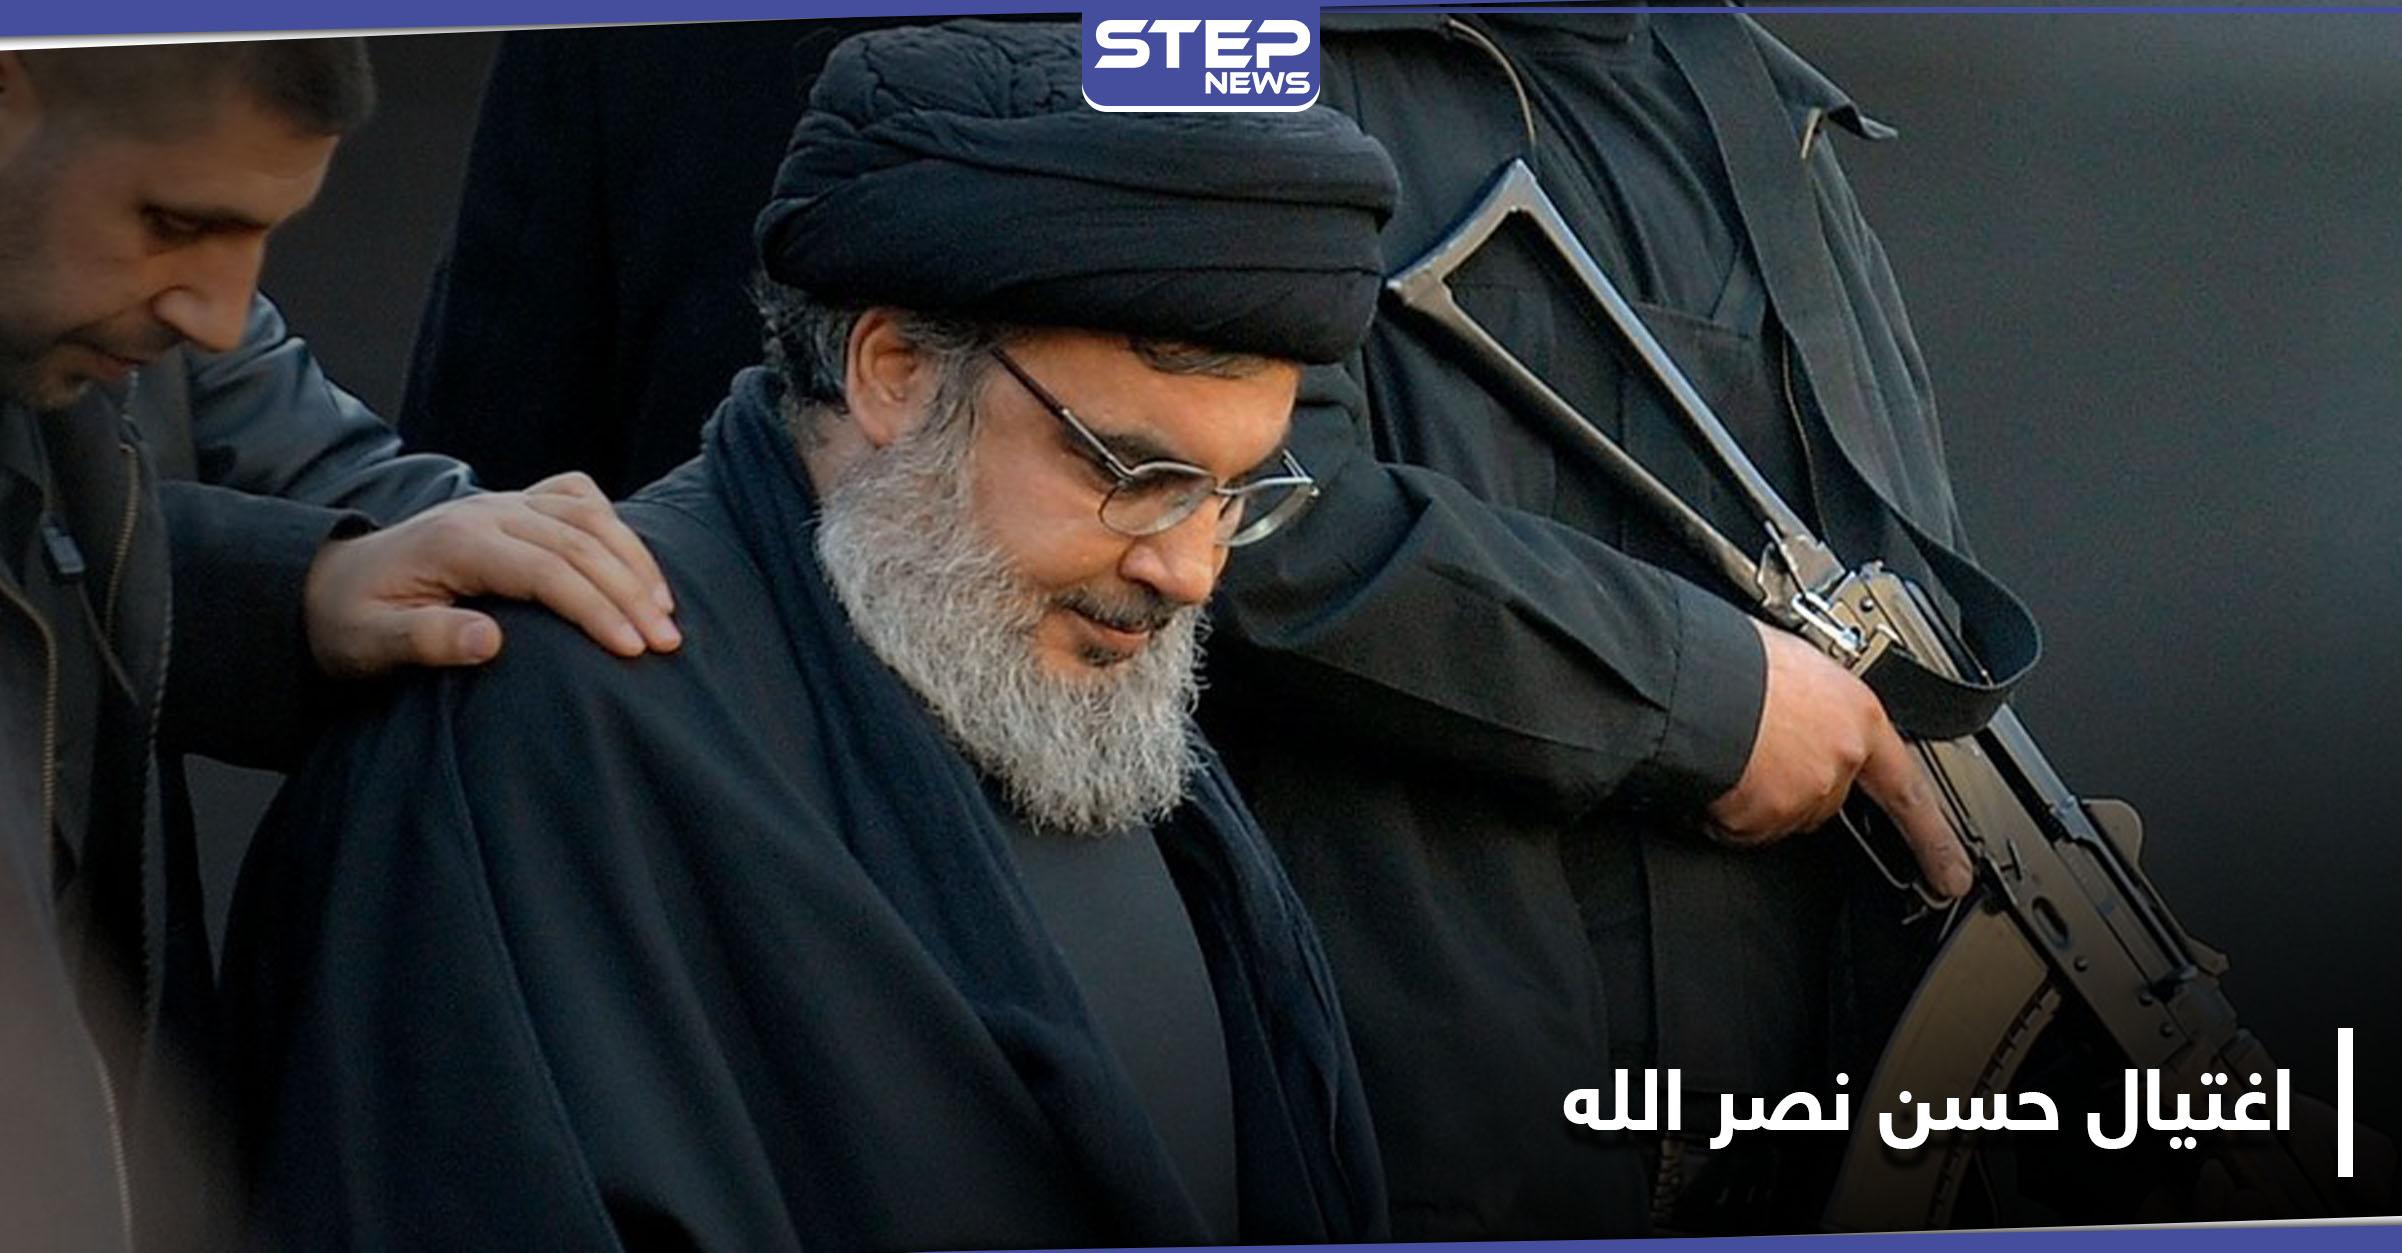 مسؤول بالجيش الإسرائيلي يلمح لـ اغتيال حسن نصر الله